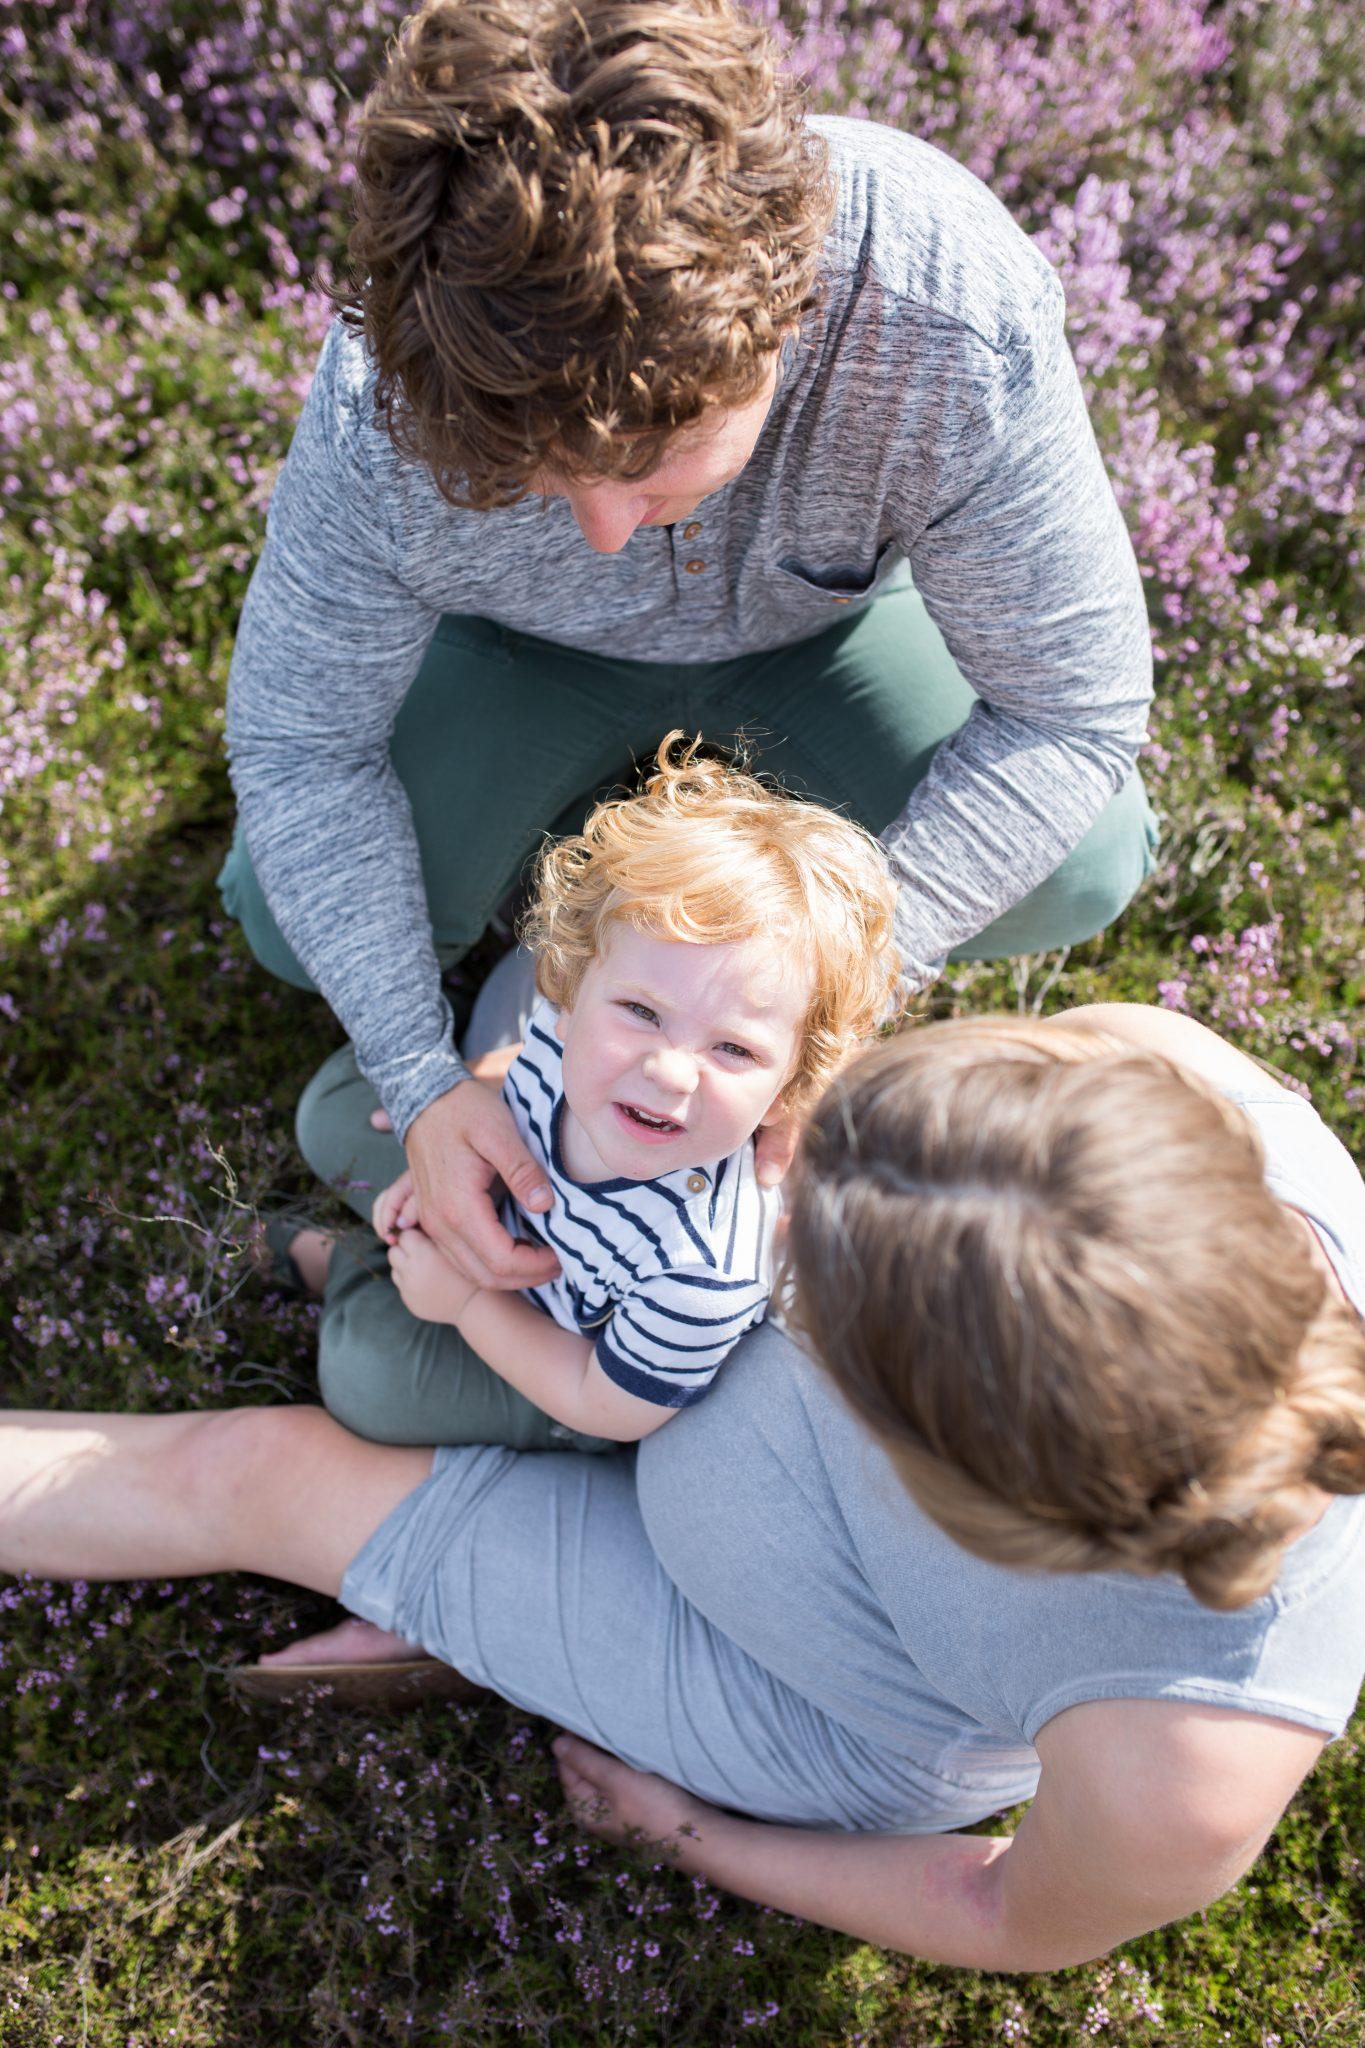 zwangerschapsfotografie amersfoort zwangerschapshoot op locatie laura elkhuizen fotografie